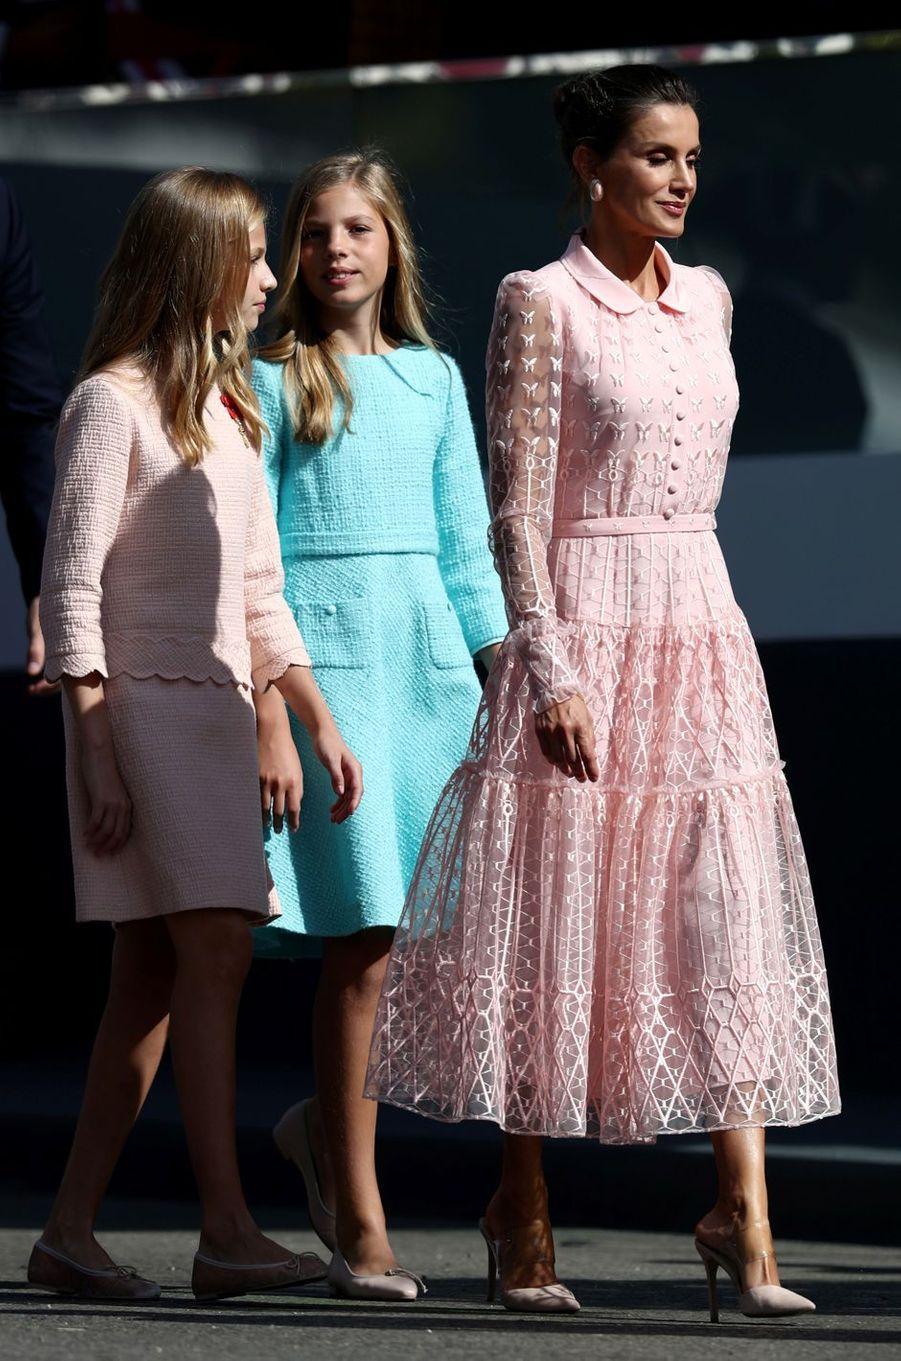 La reine Letizia d'Espagne avec les princesses Leonor et Sofia à Madrid, le 12 octobre 2019